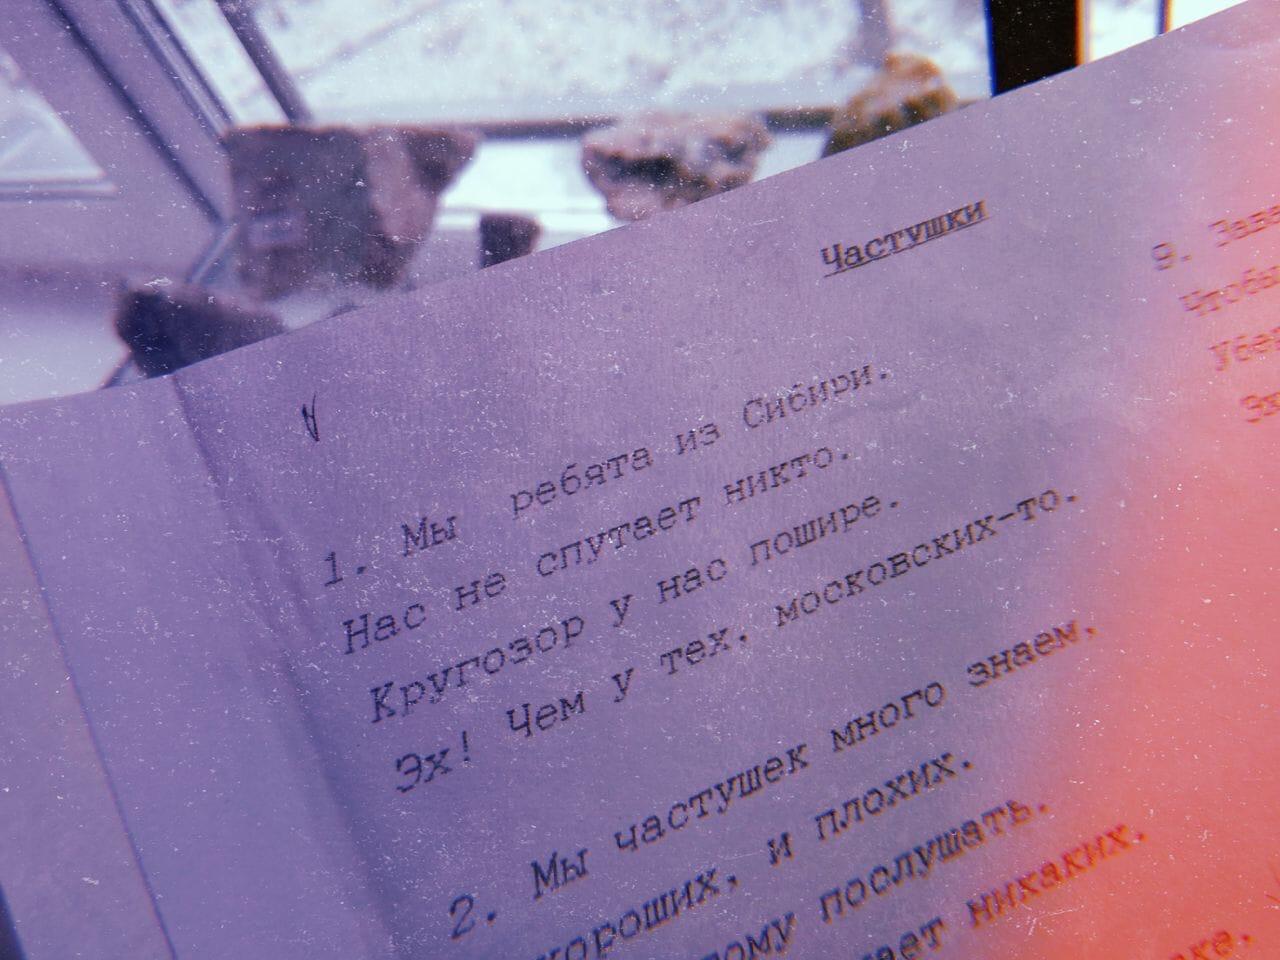 архив музея новосибирской физматшколы, начало 1990-х, фото - ноябрь 2019